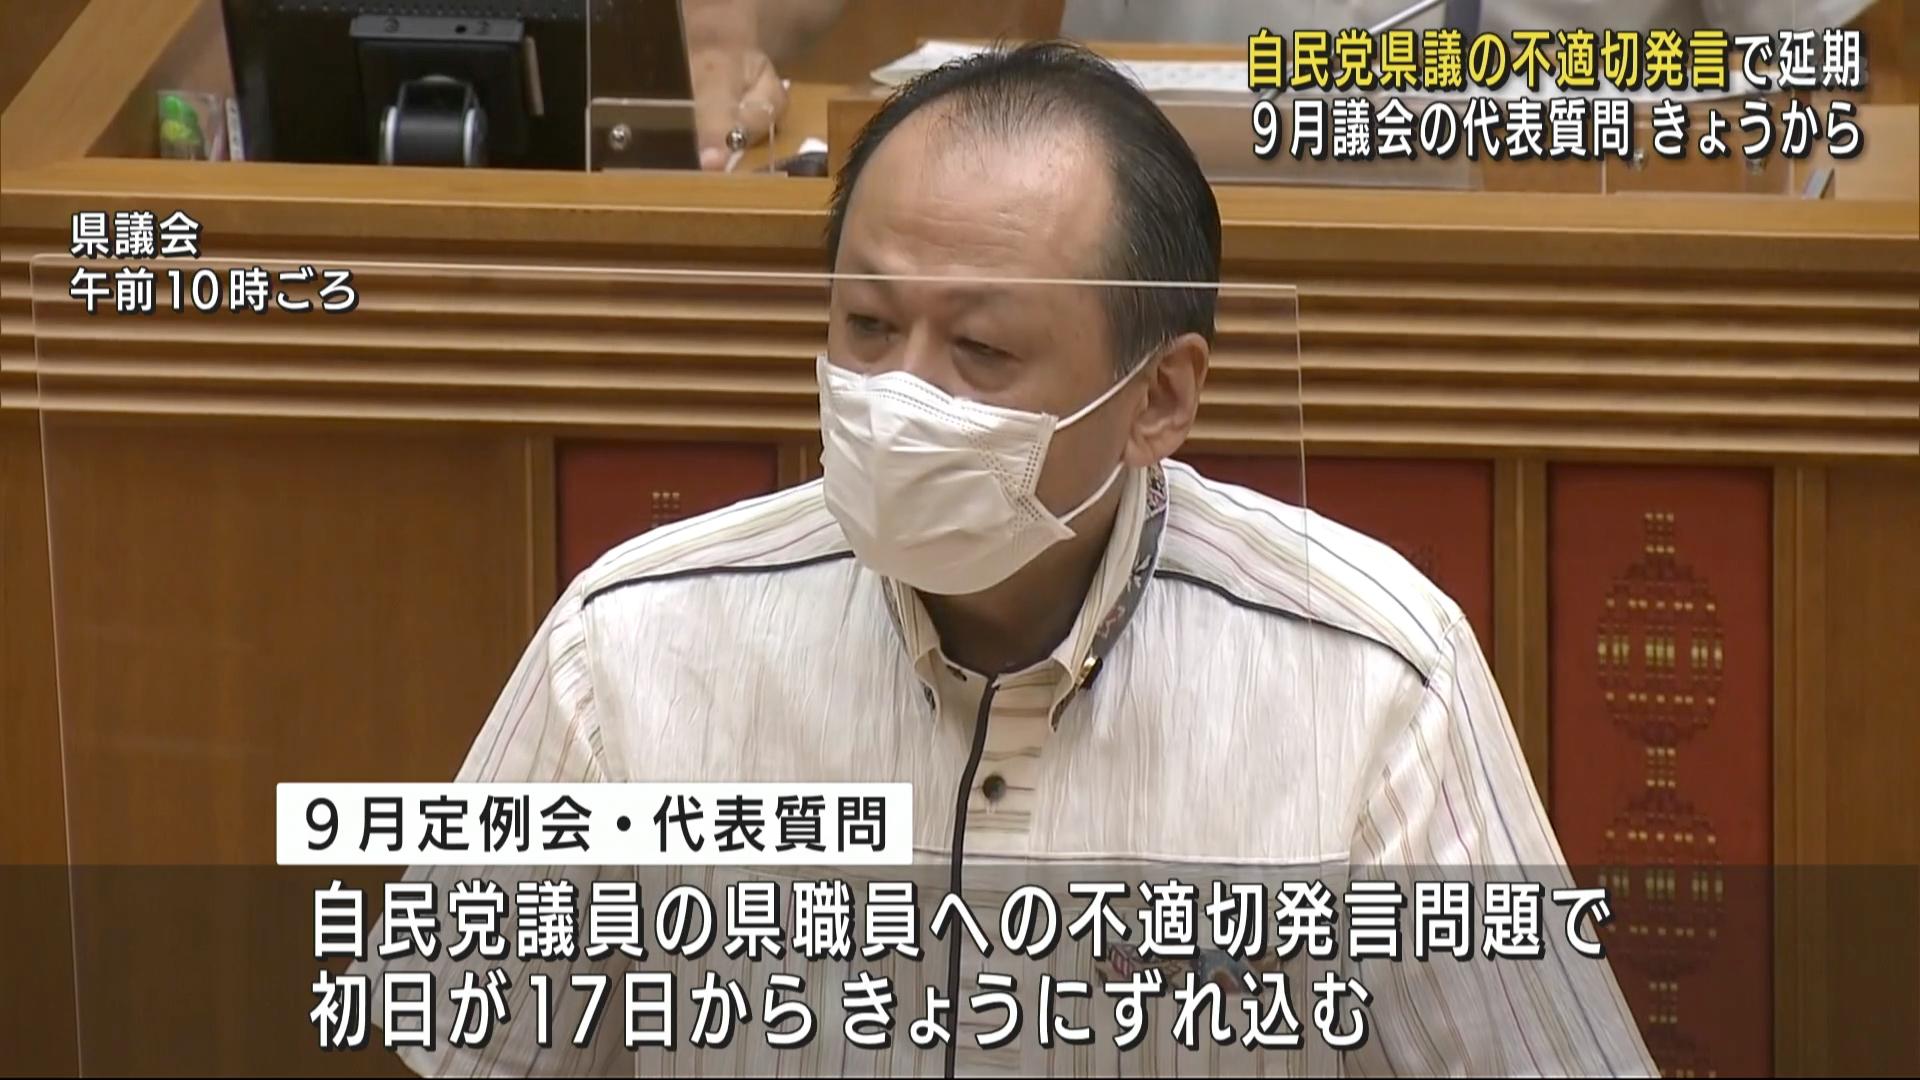 沖縄 9月県議会 議員の不適切発言で延期の代表質問が始まる